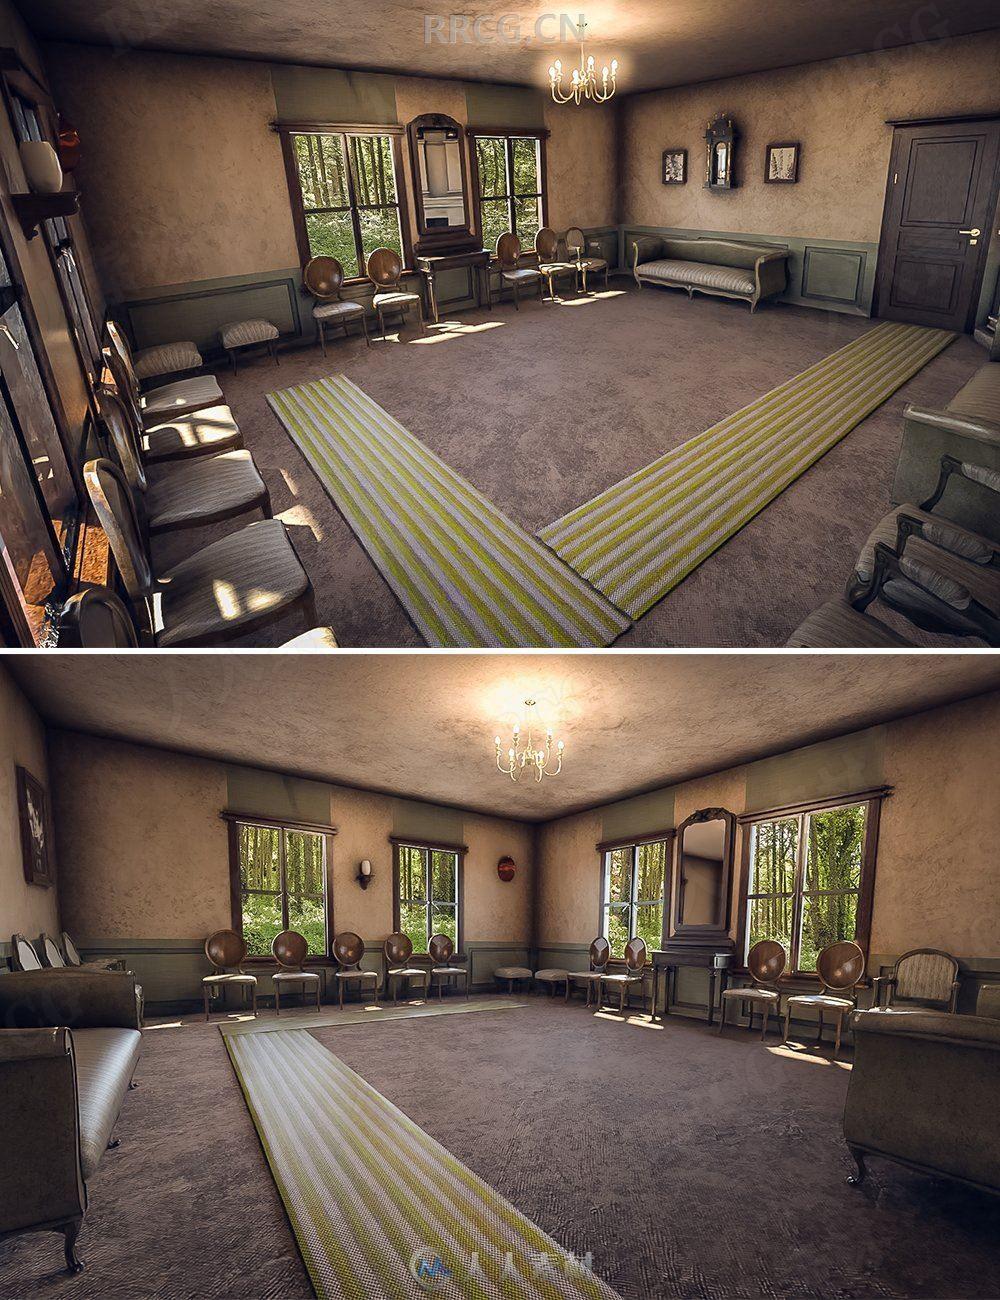 老旧庄园空旷室内中古造型设计3D模型合集